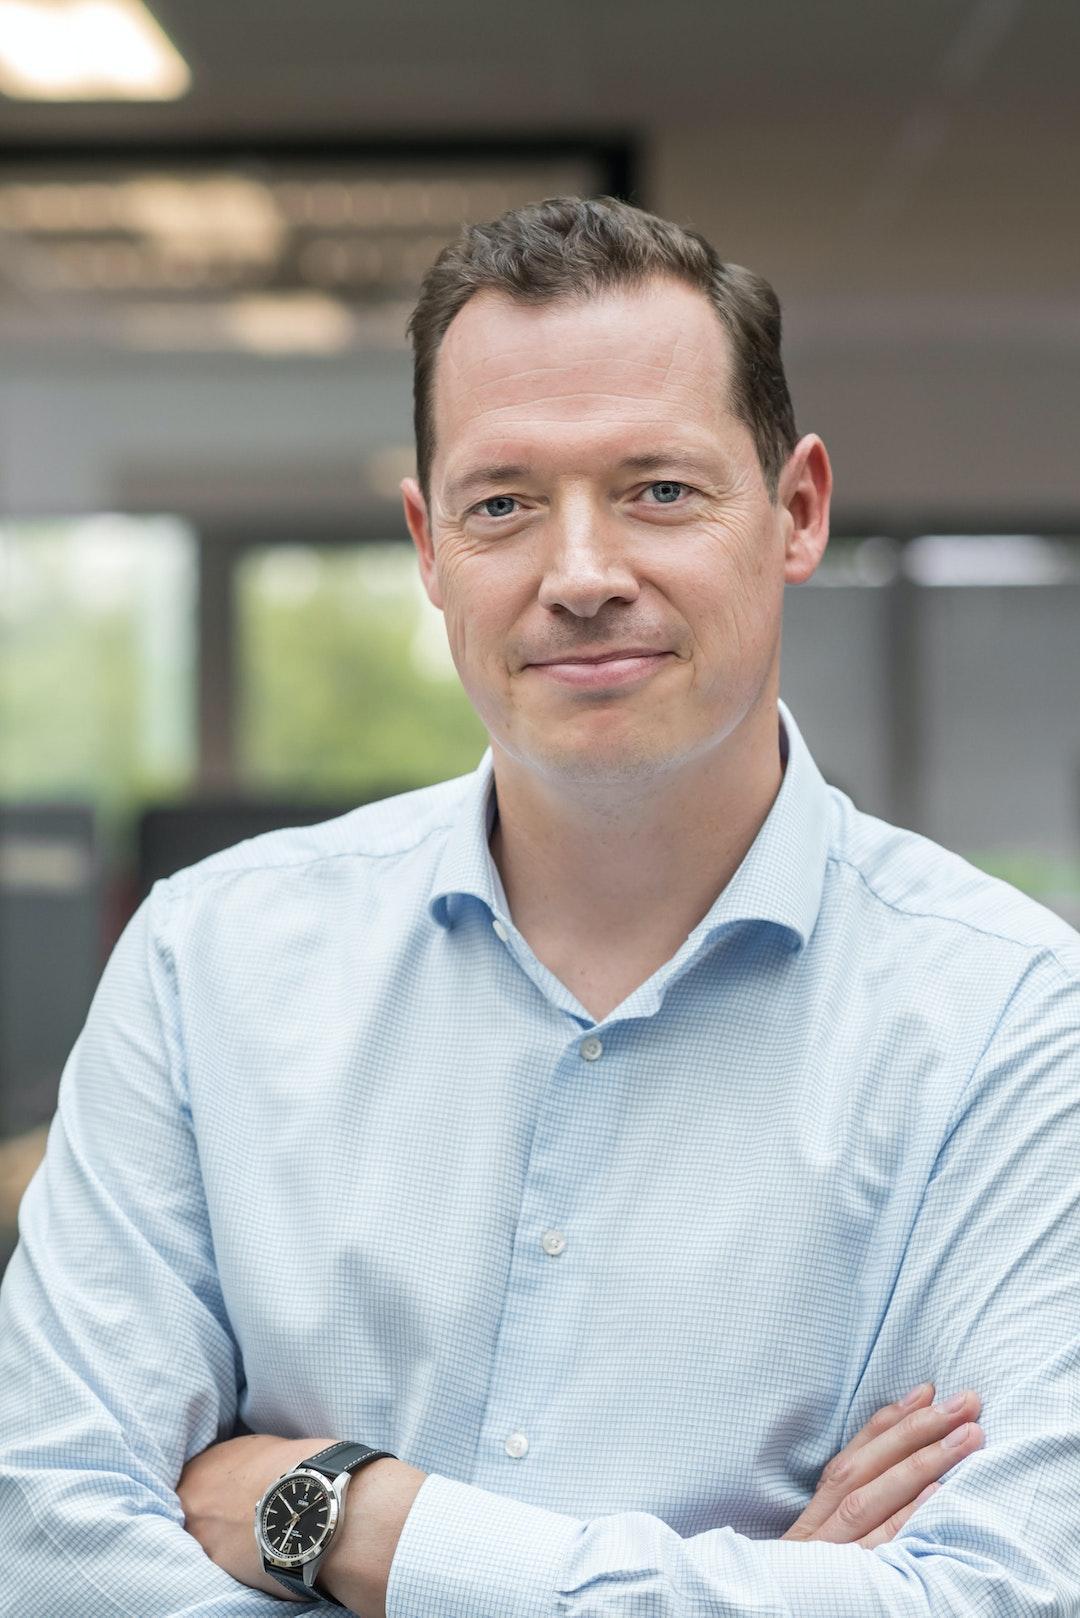 Nicolas Van Hoeke